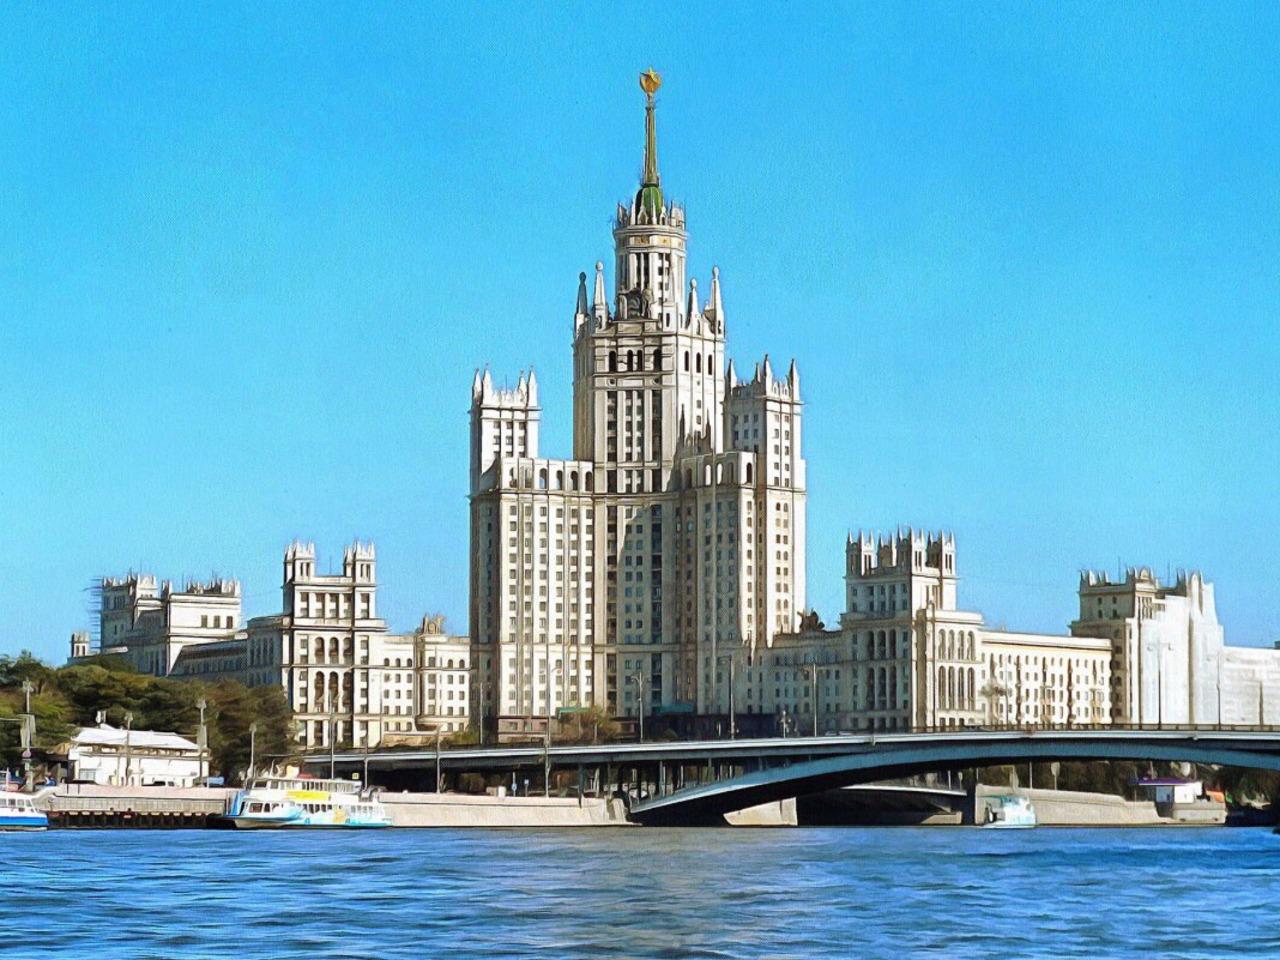 К великой балерине Улановой в Сталинскую высотку - индивидуальная экскурсия по Москве от опытного гида